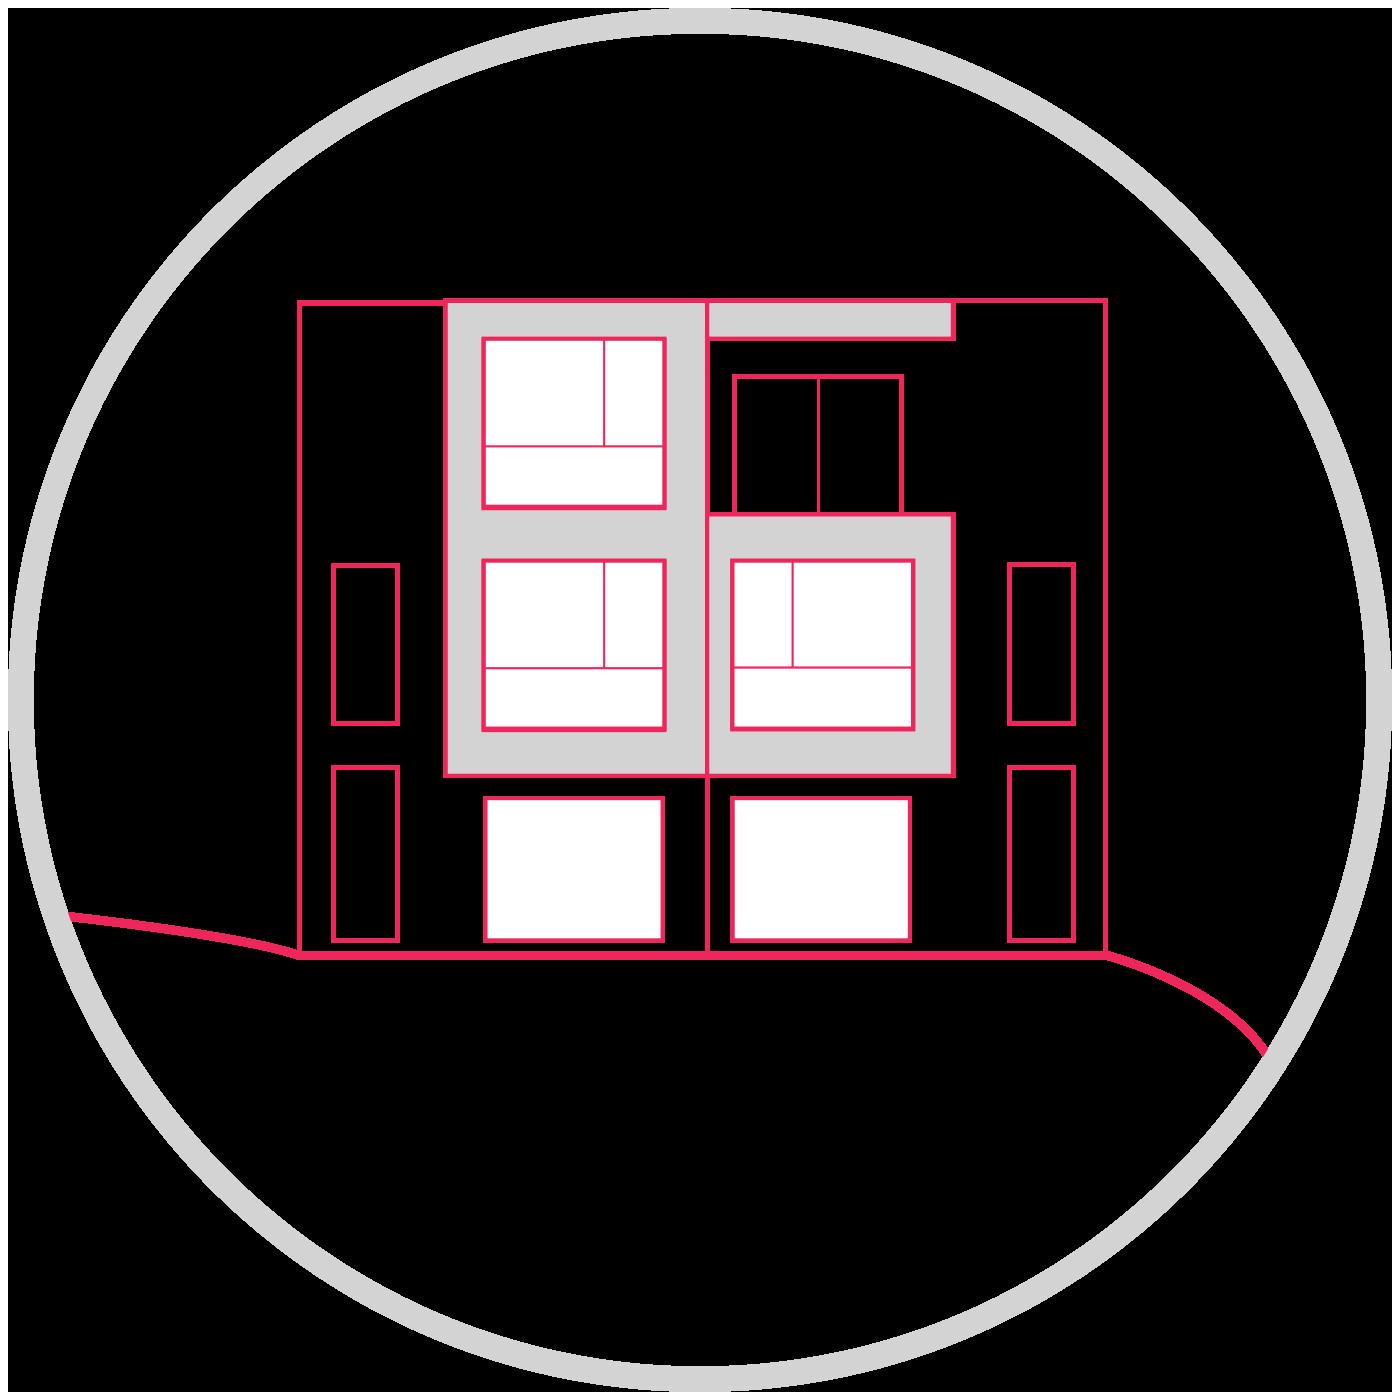 West St. Diagram.png